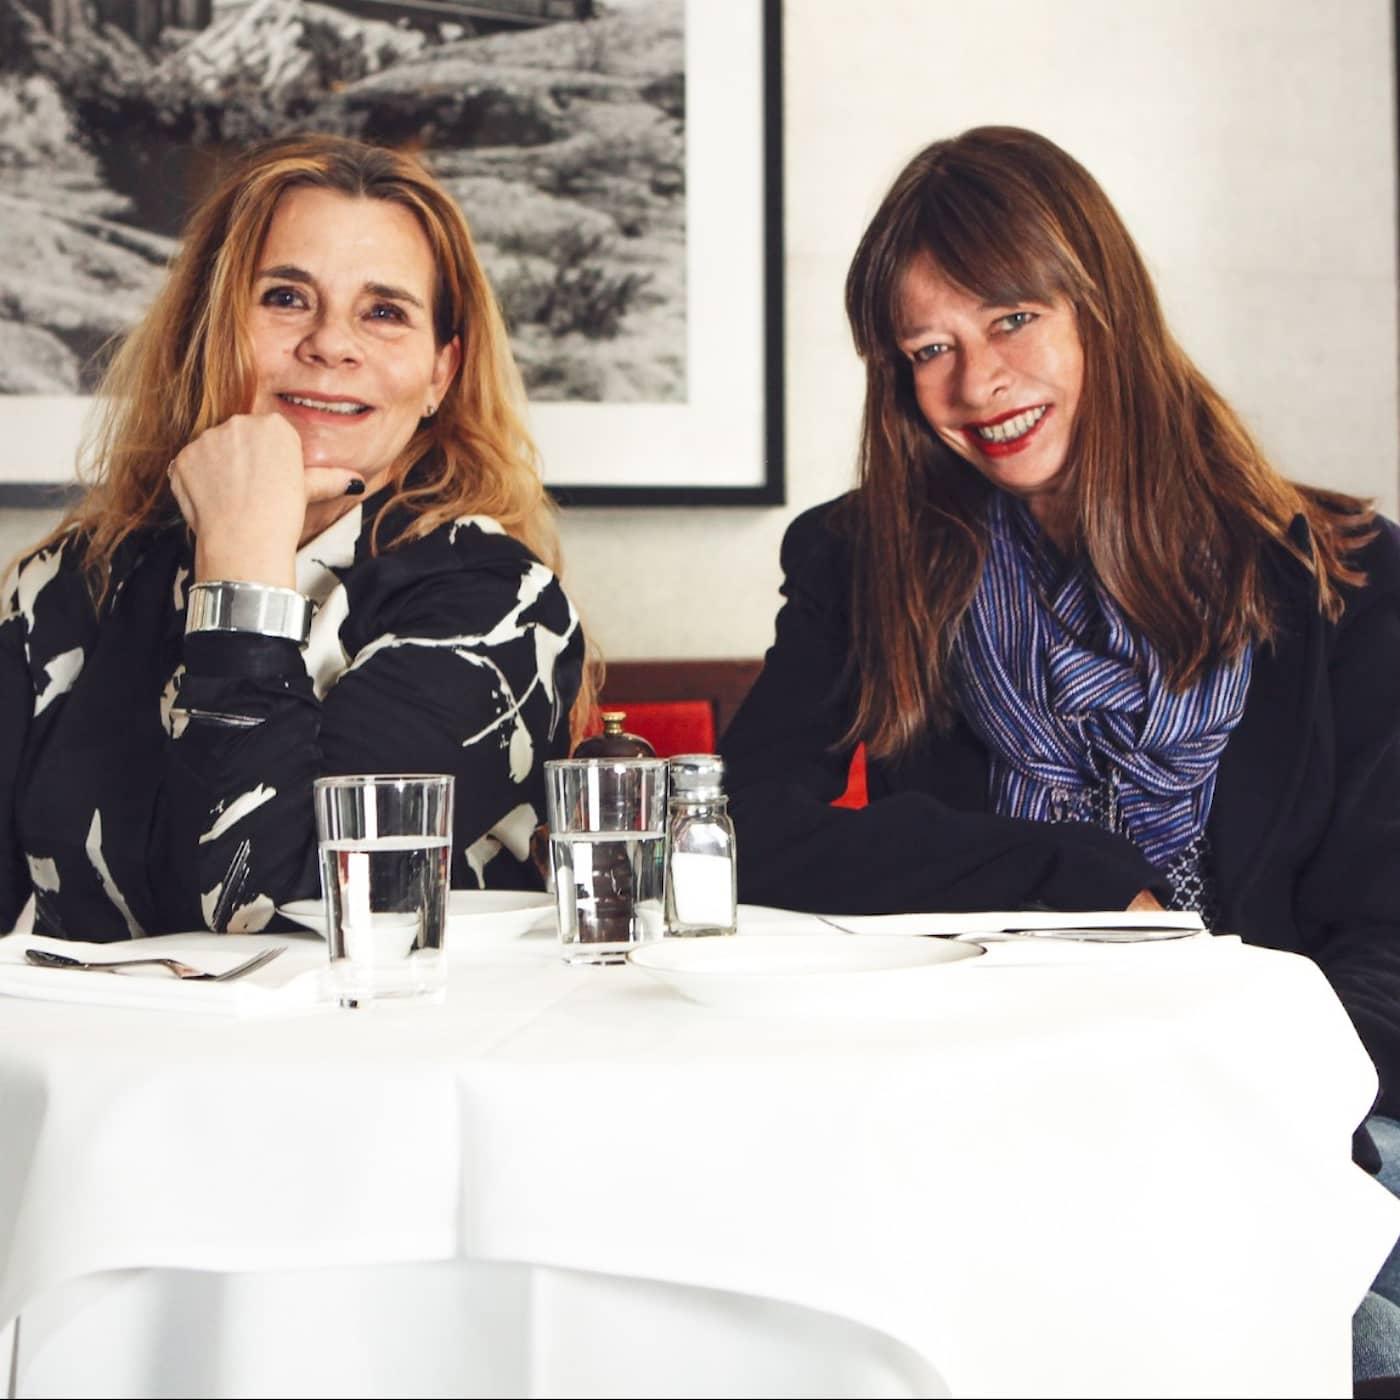 CARINA RYDBERG: Jag har alltid varit i personlig kris.